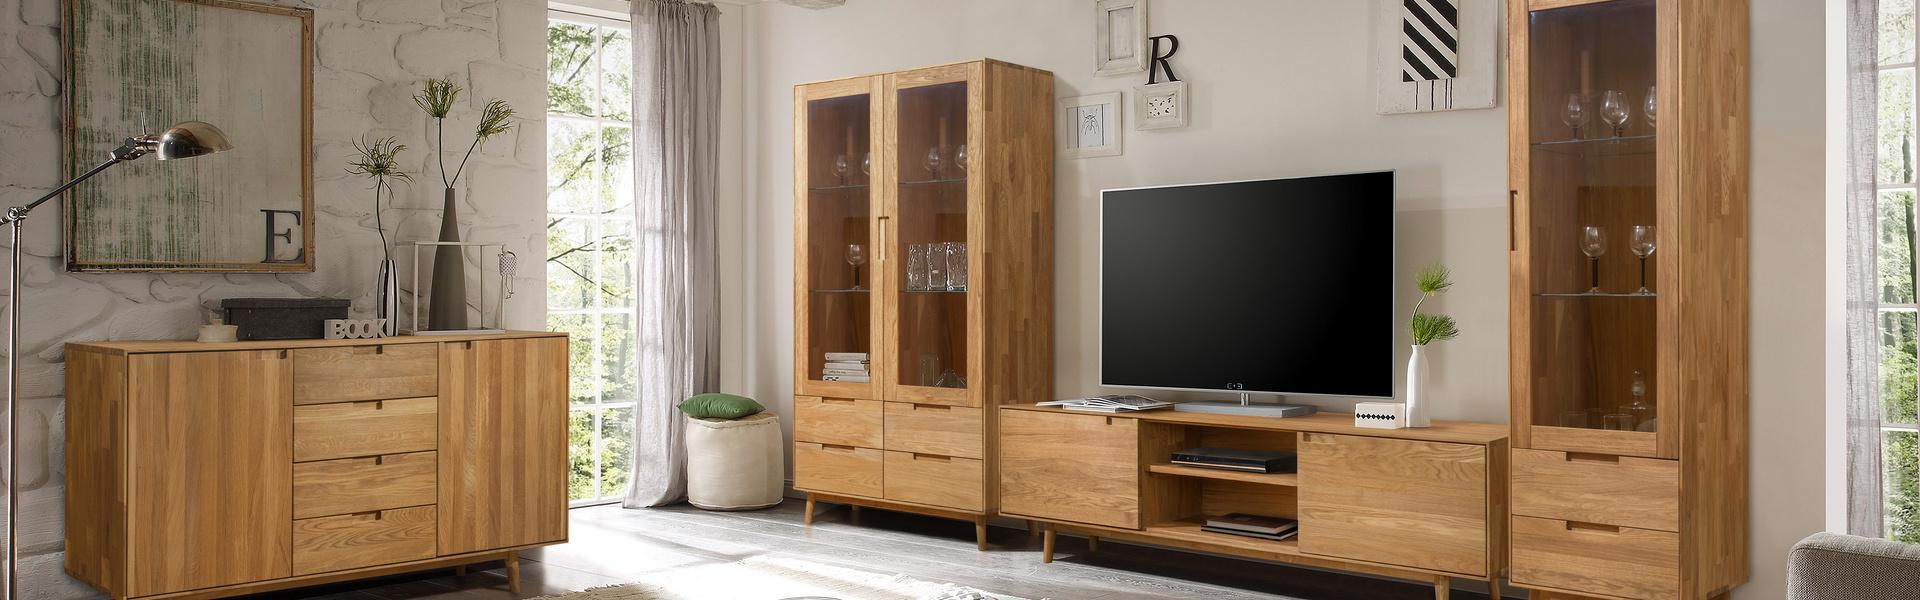 Мебель из массива дуба в гостиную